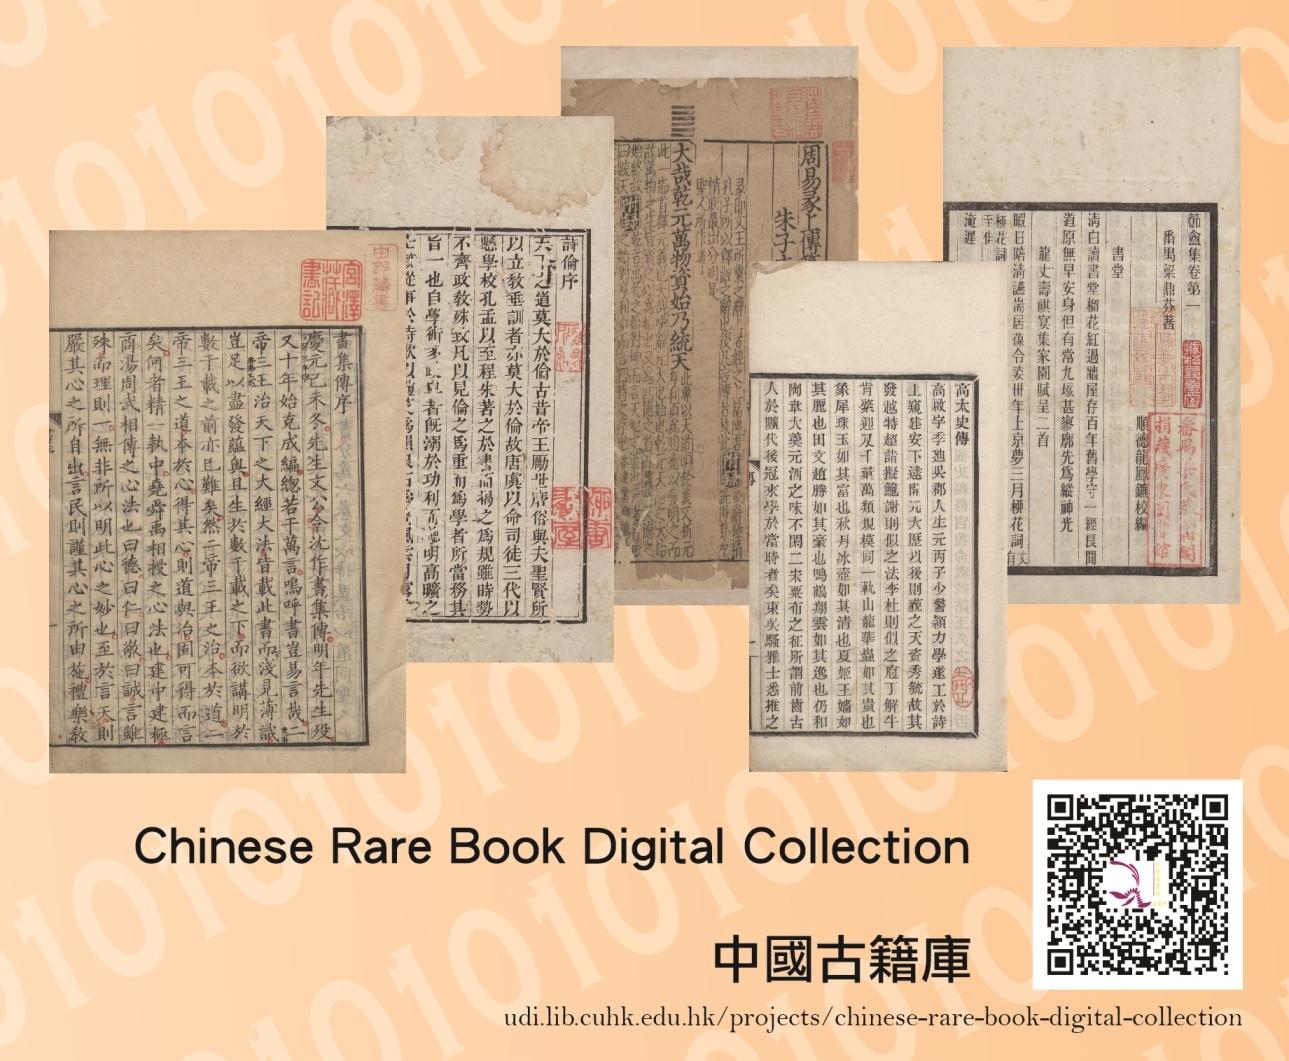 馆藏中国古籍的电子图像